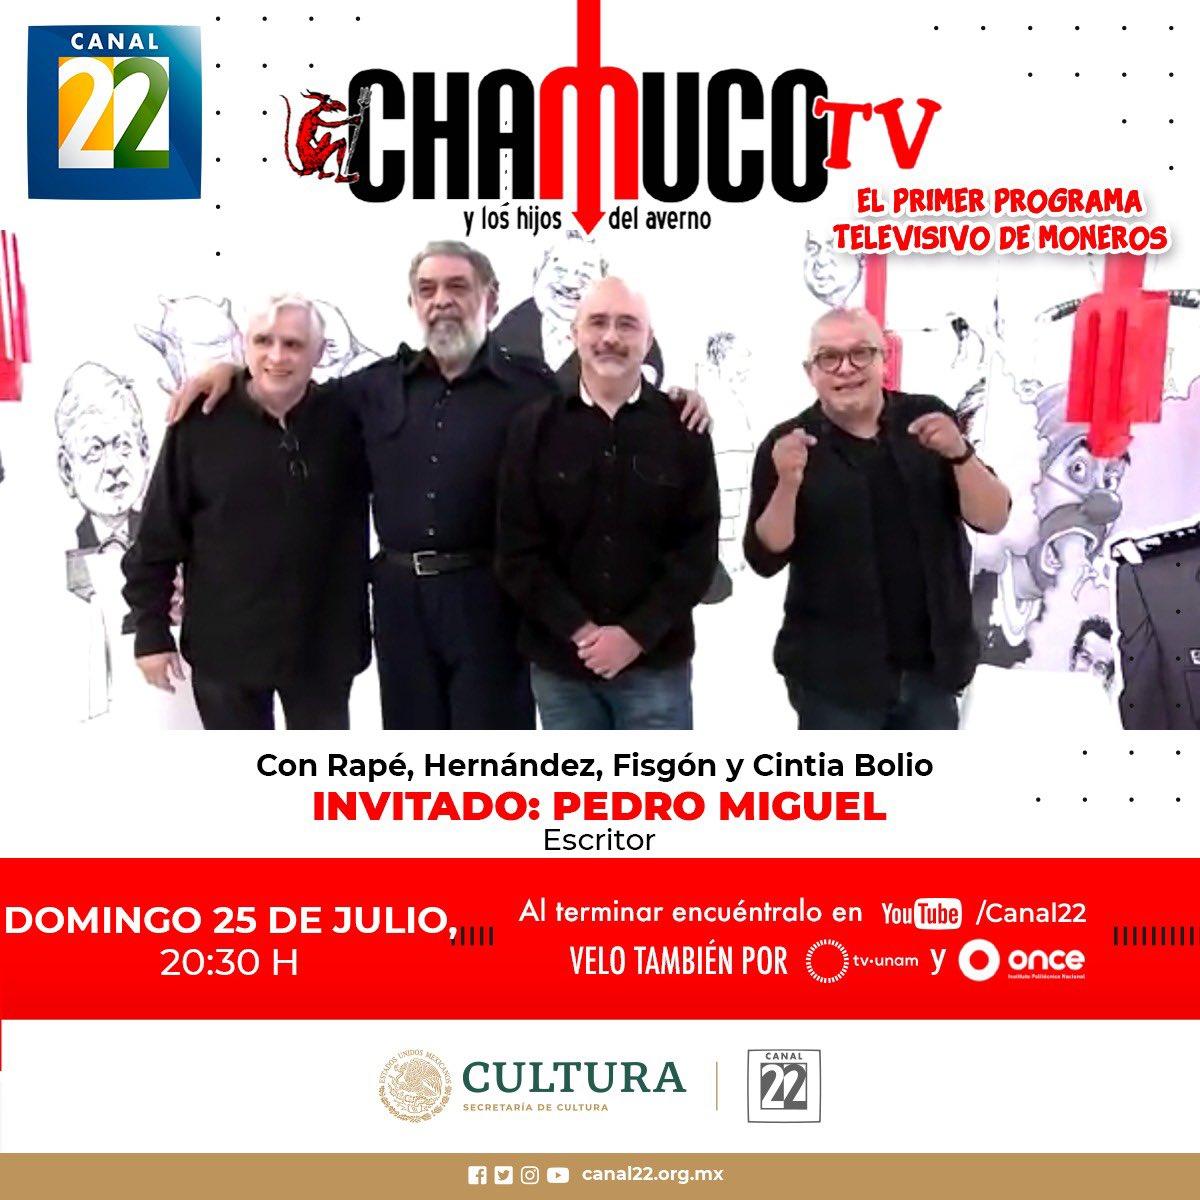 ¡Pónganle en el 22! #ChamucoTV https://t.co/ARhS5golei